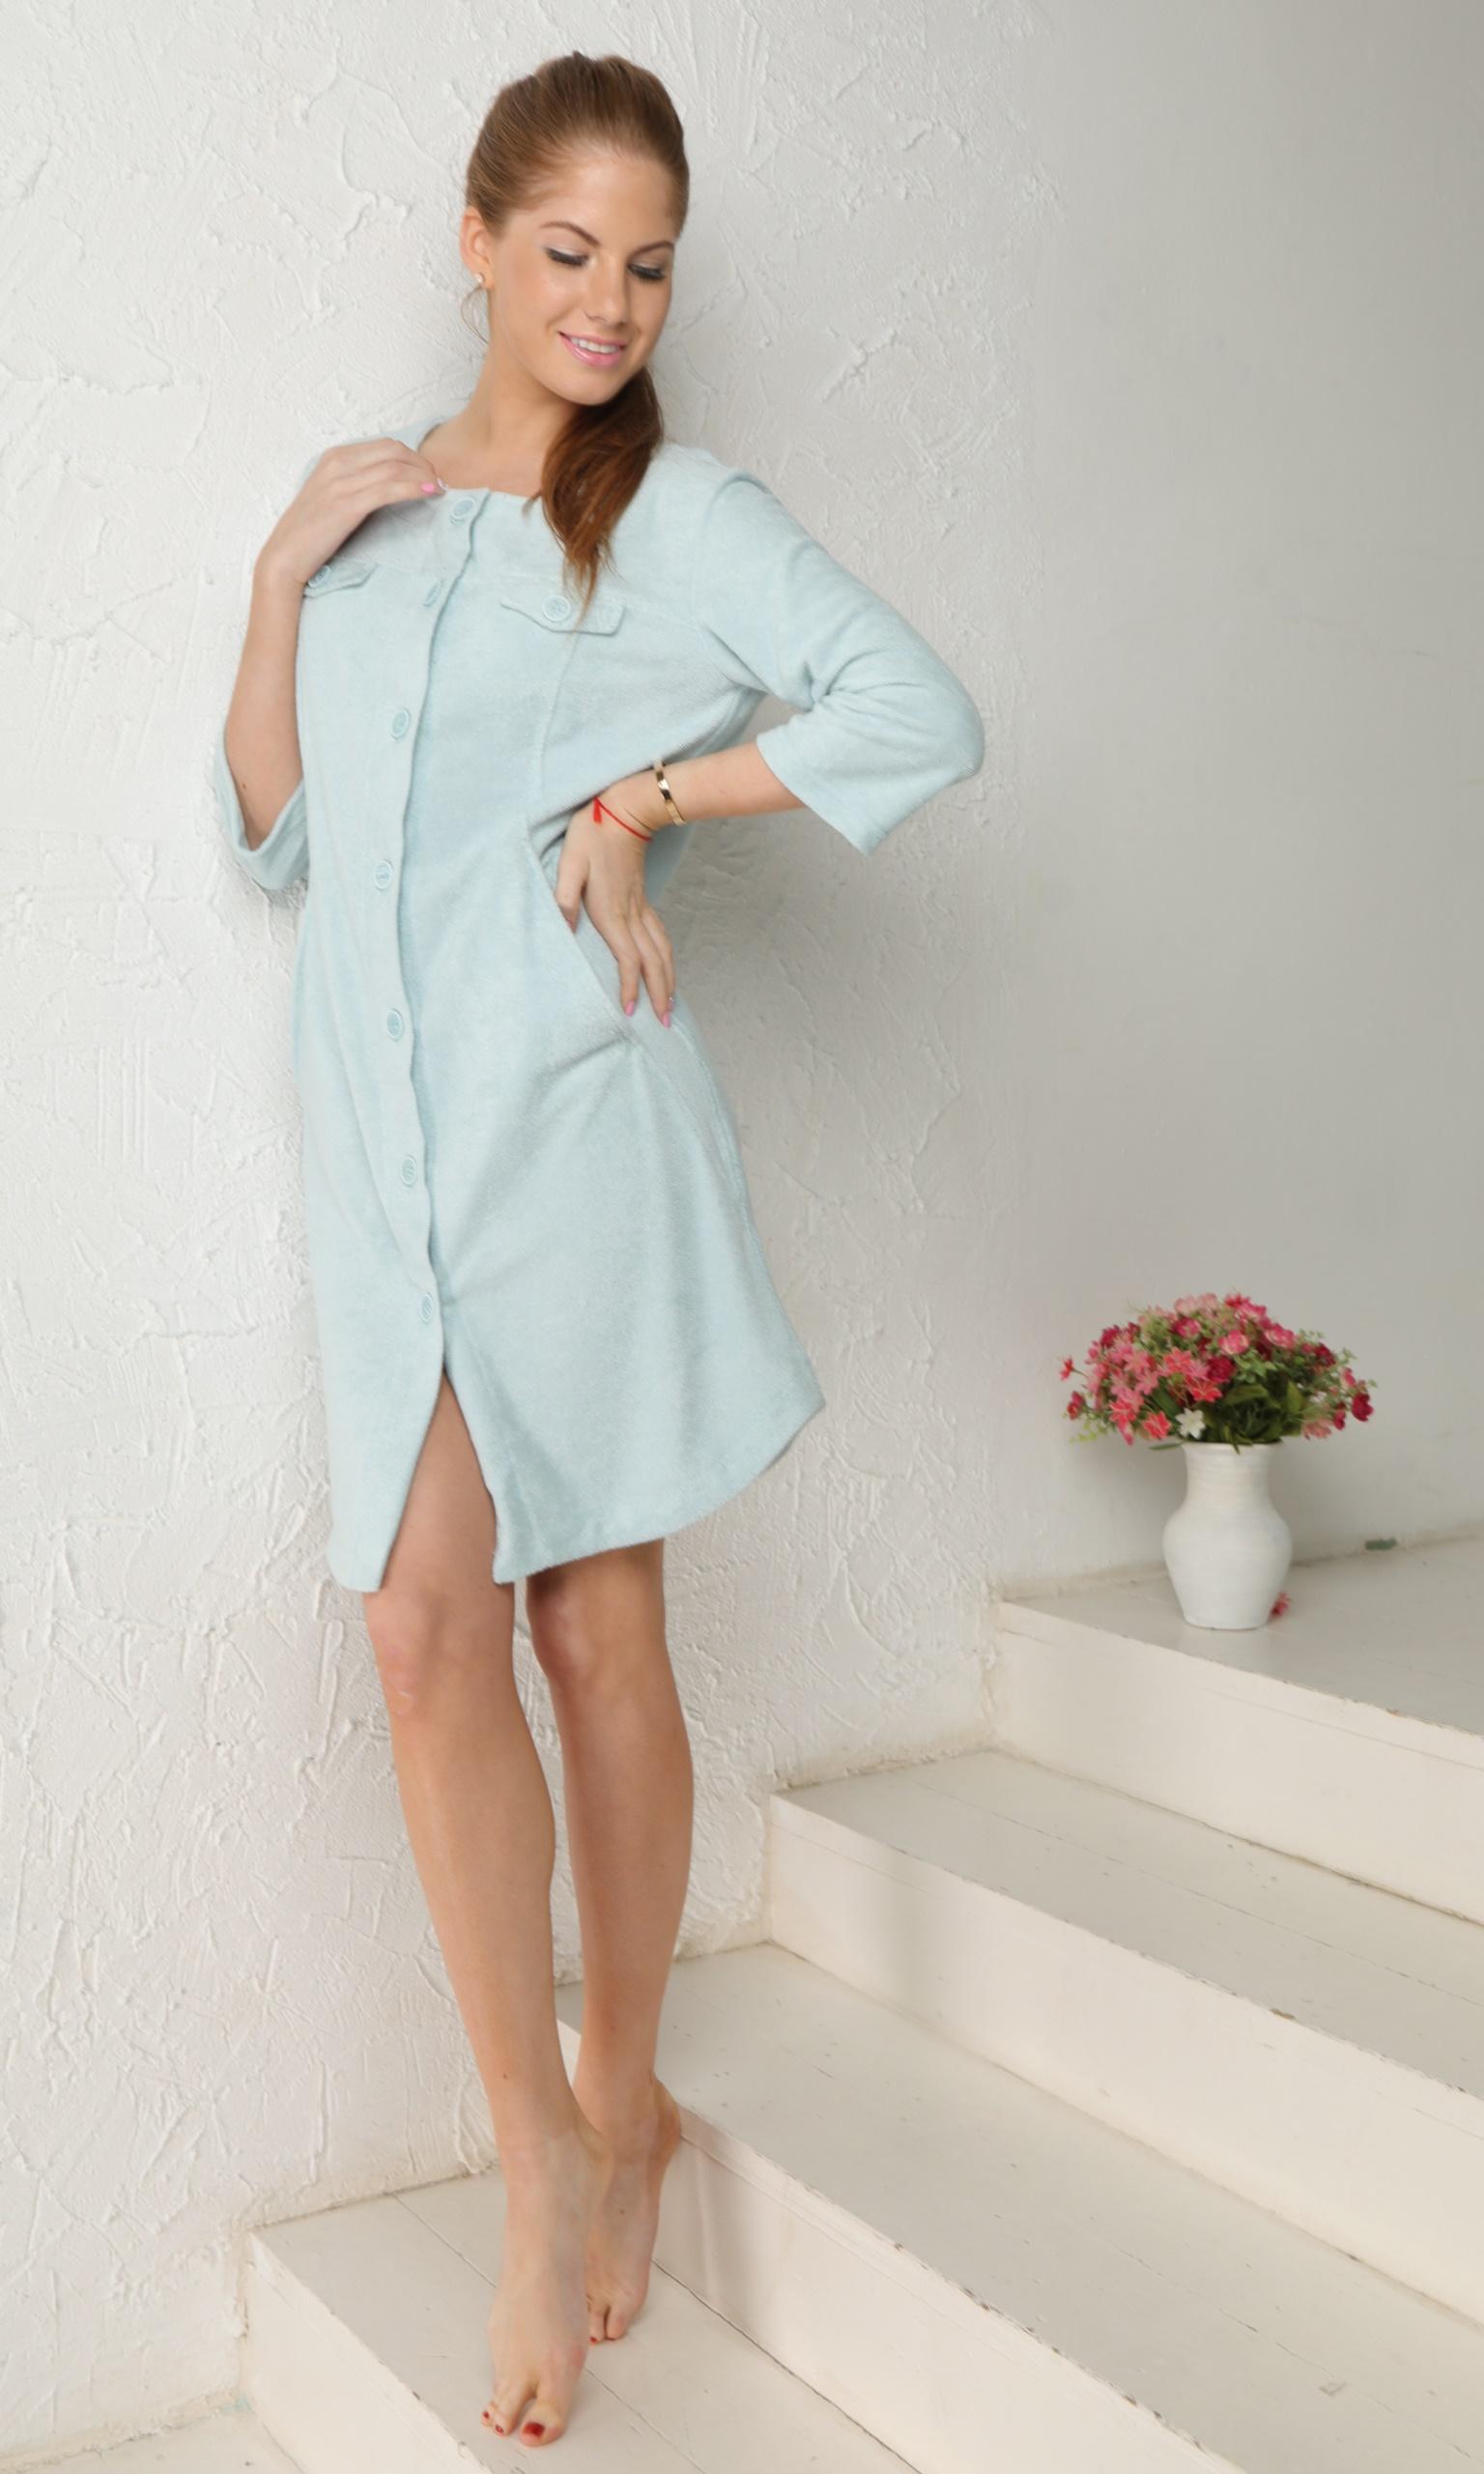 Домашние халаты Five Wien Домашний халат Bridget Цвет: Бирюзовый (S-M) халаты домашние лори халат